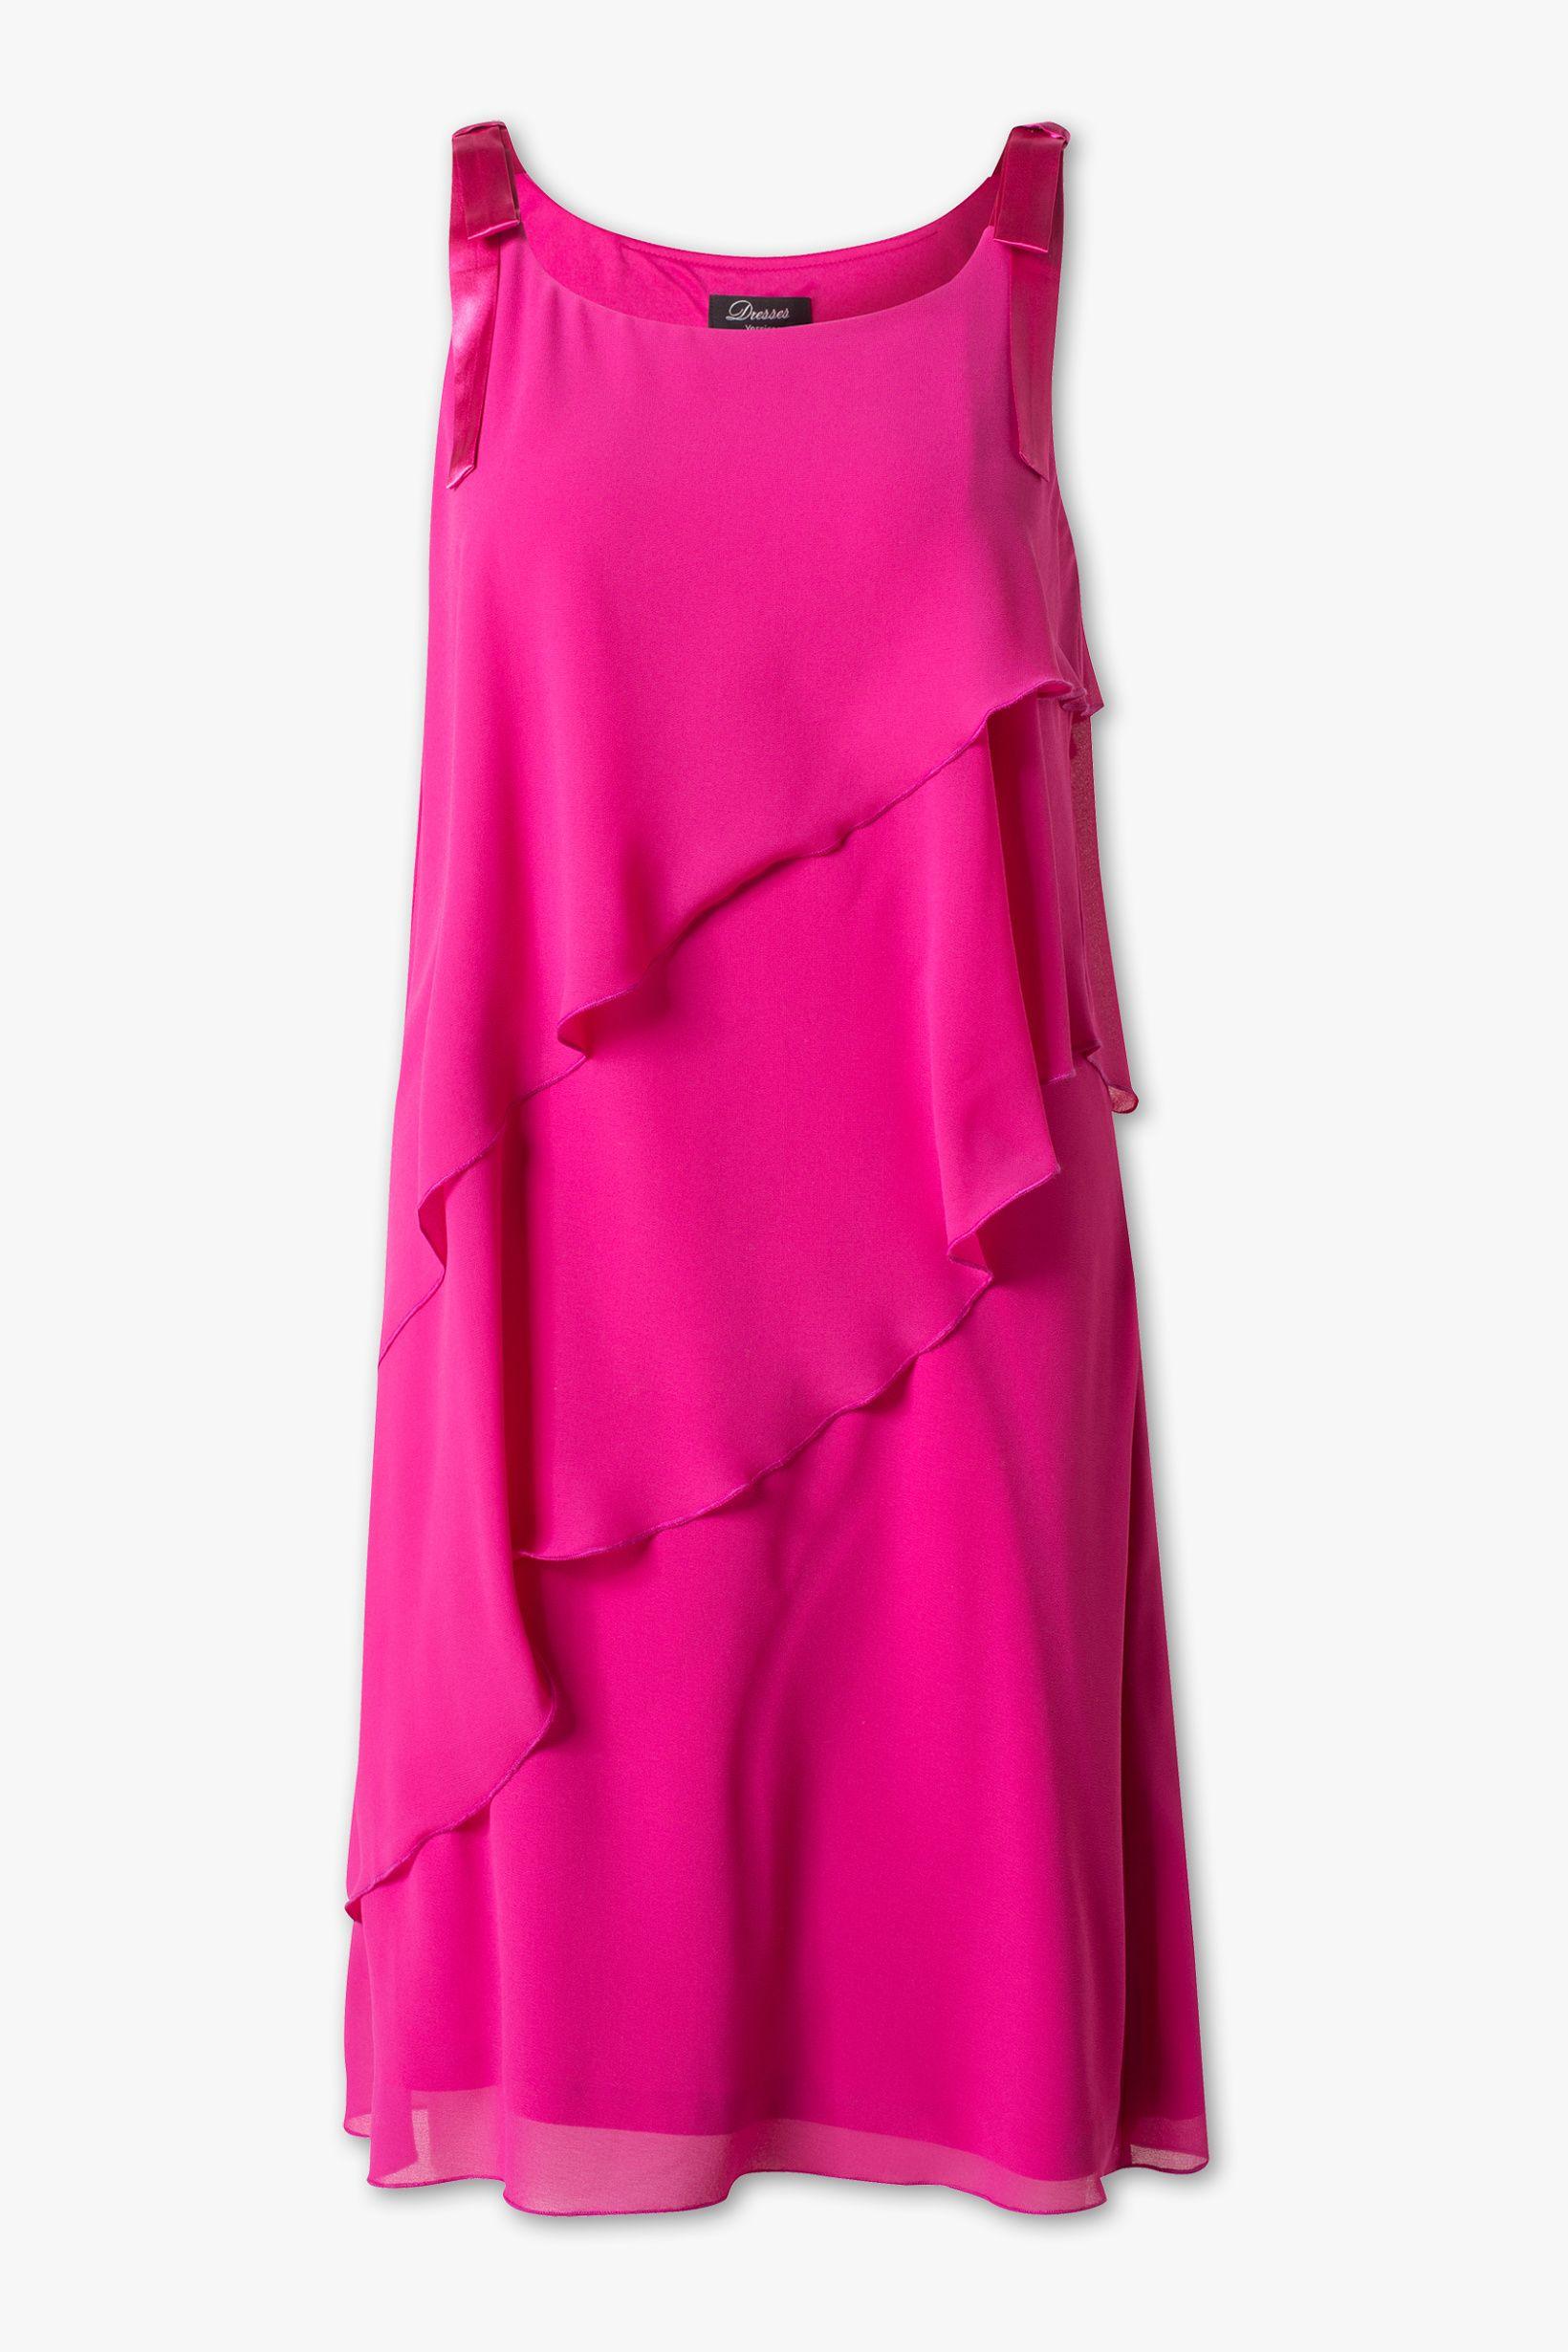 A-Linien-Kleid - pink | Kleider, Mode und Pinkes kleid